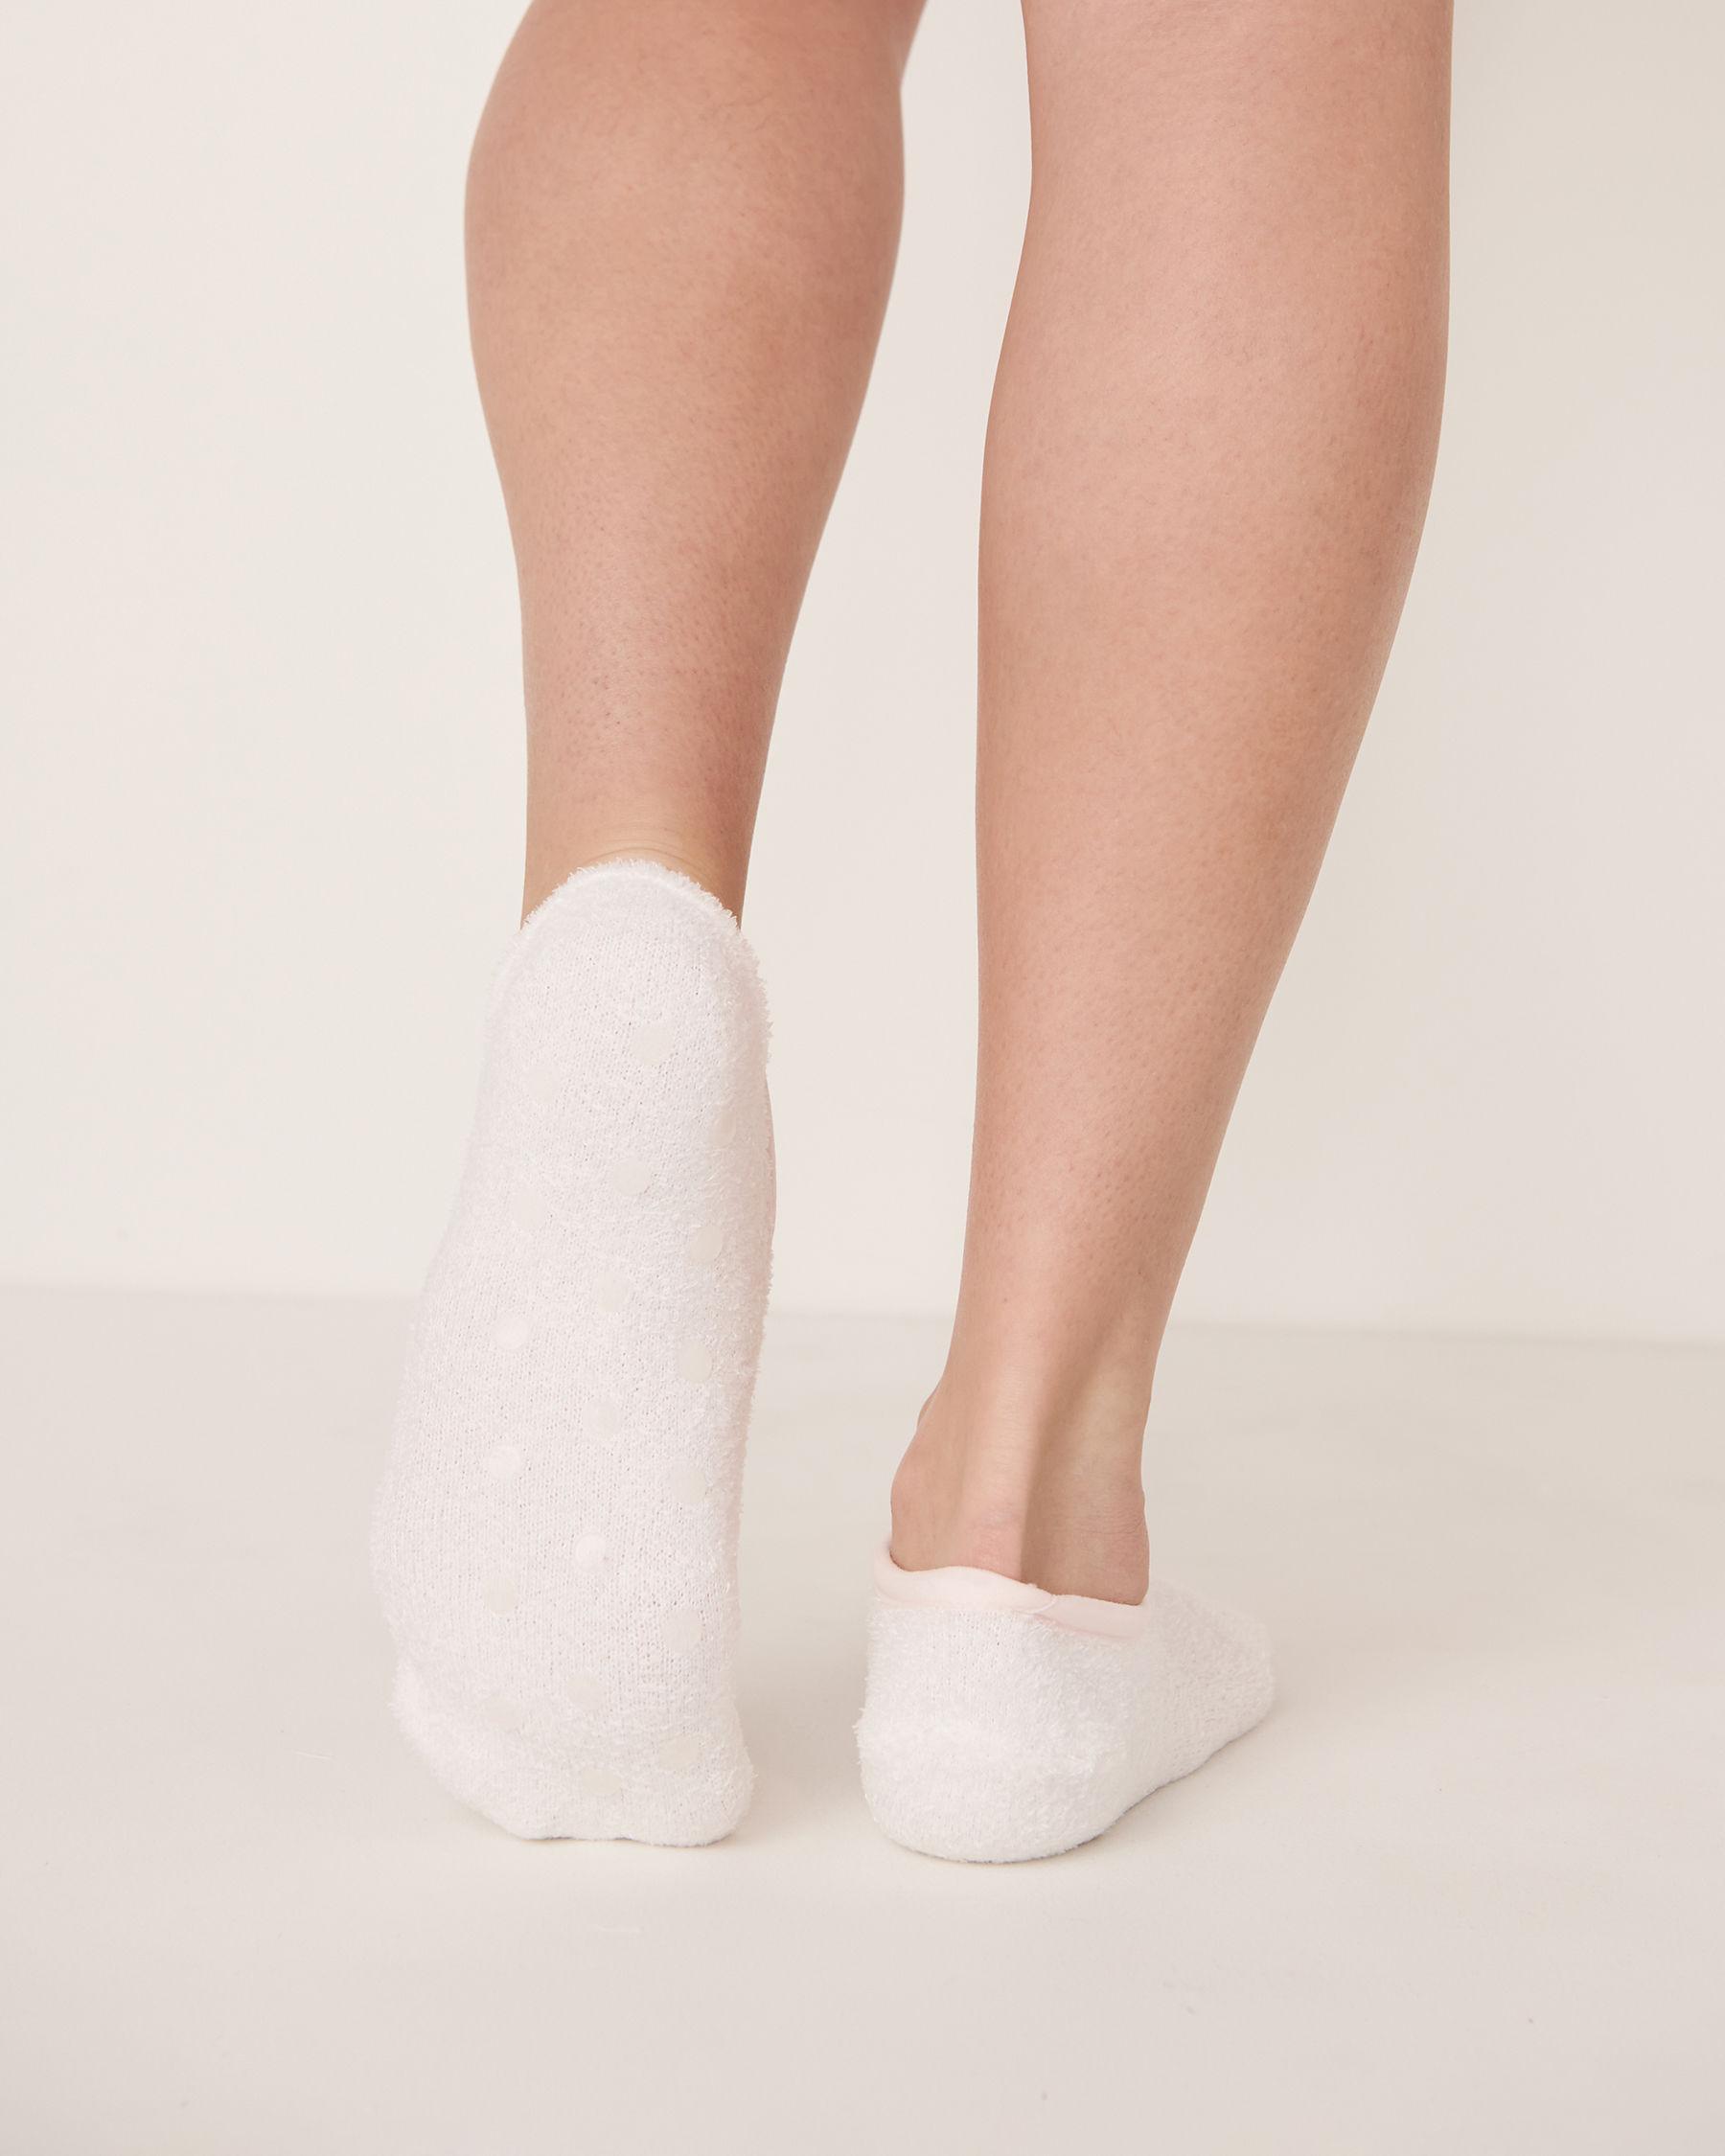 LA VIE EN ROSE Bas pantoufles en chenille Blanc 40700015 - Voir2